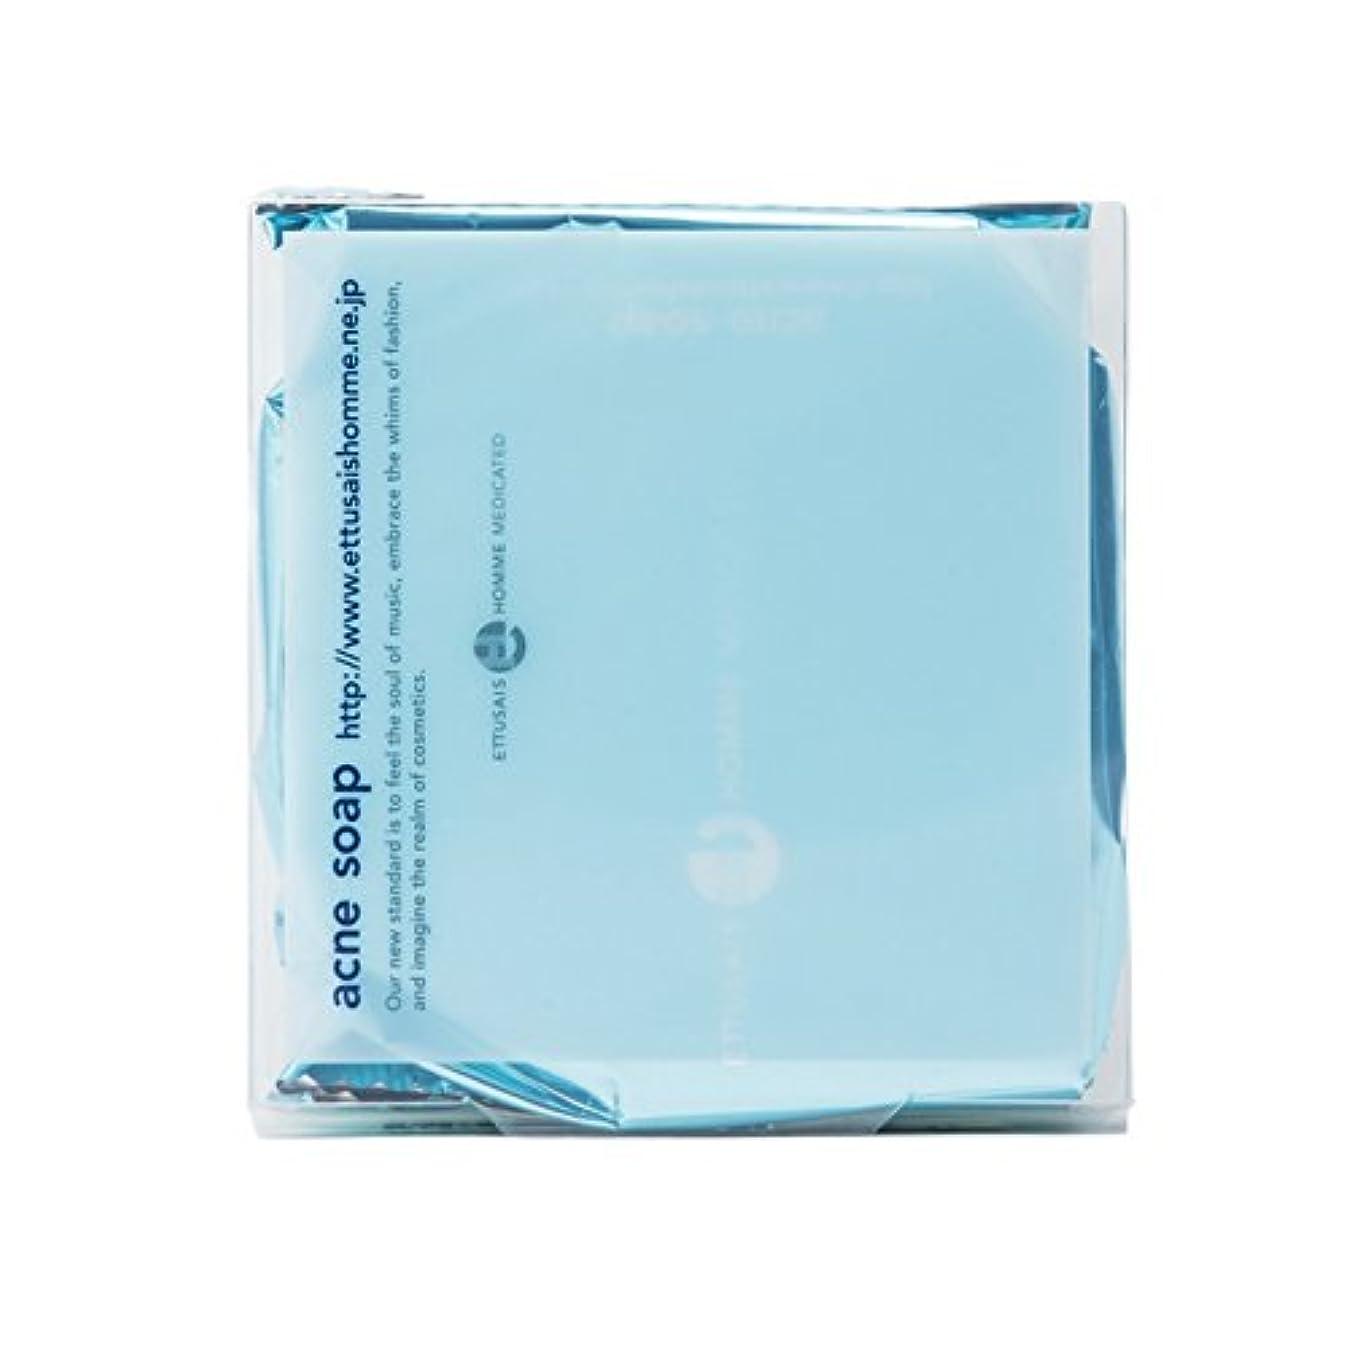 強調安息ブースト[医薬部外品] エテュセ オム 薬用アクネ ソープ 薬用石けん 100g